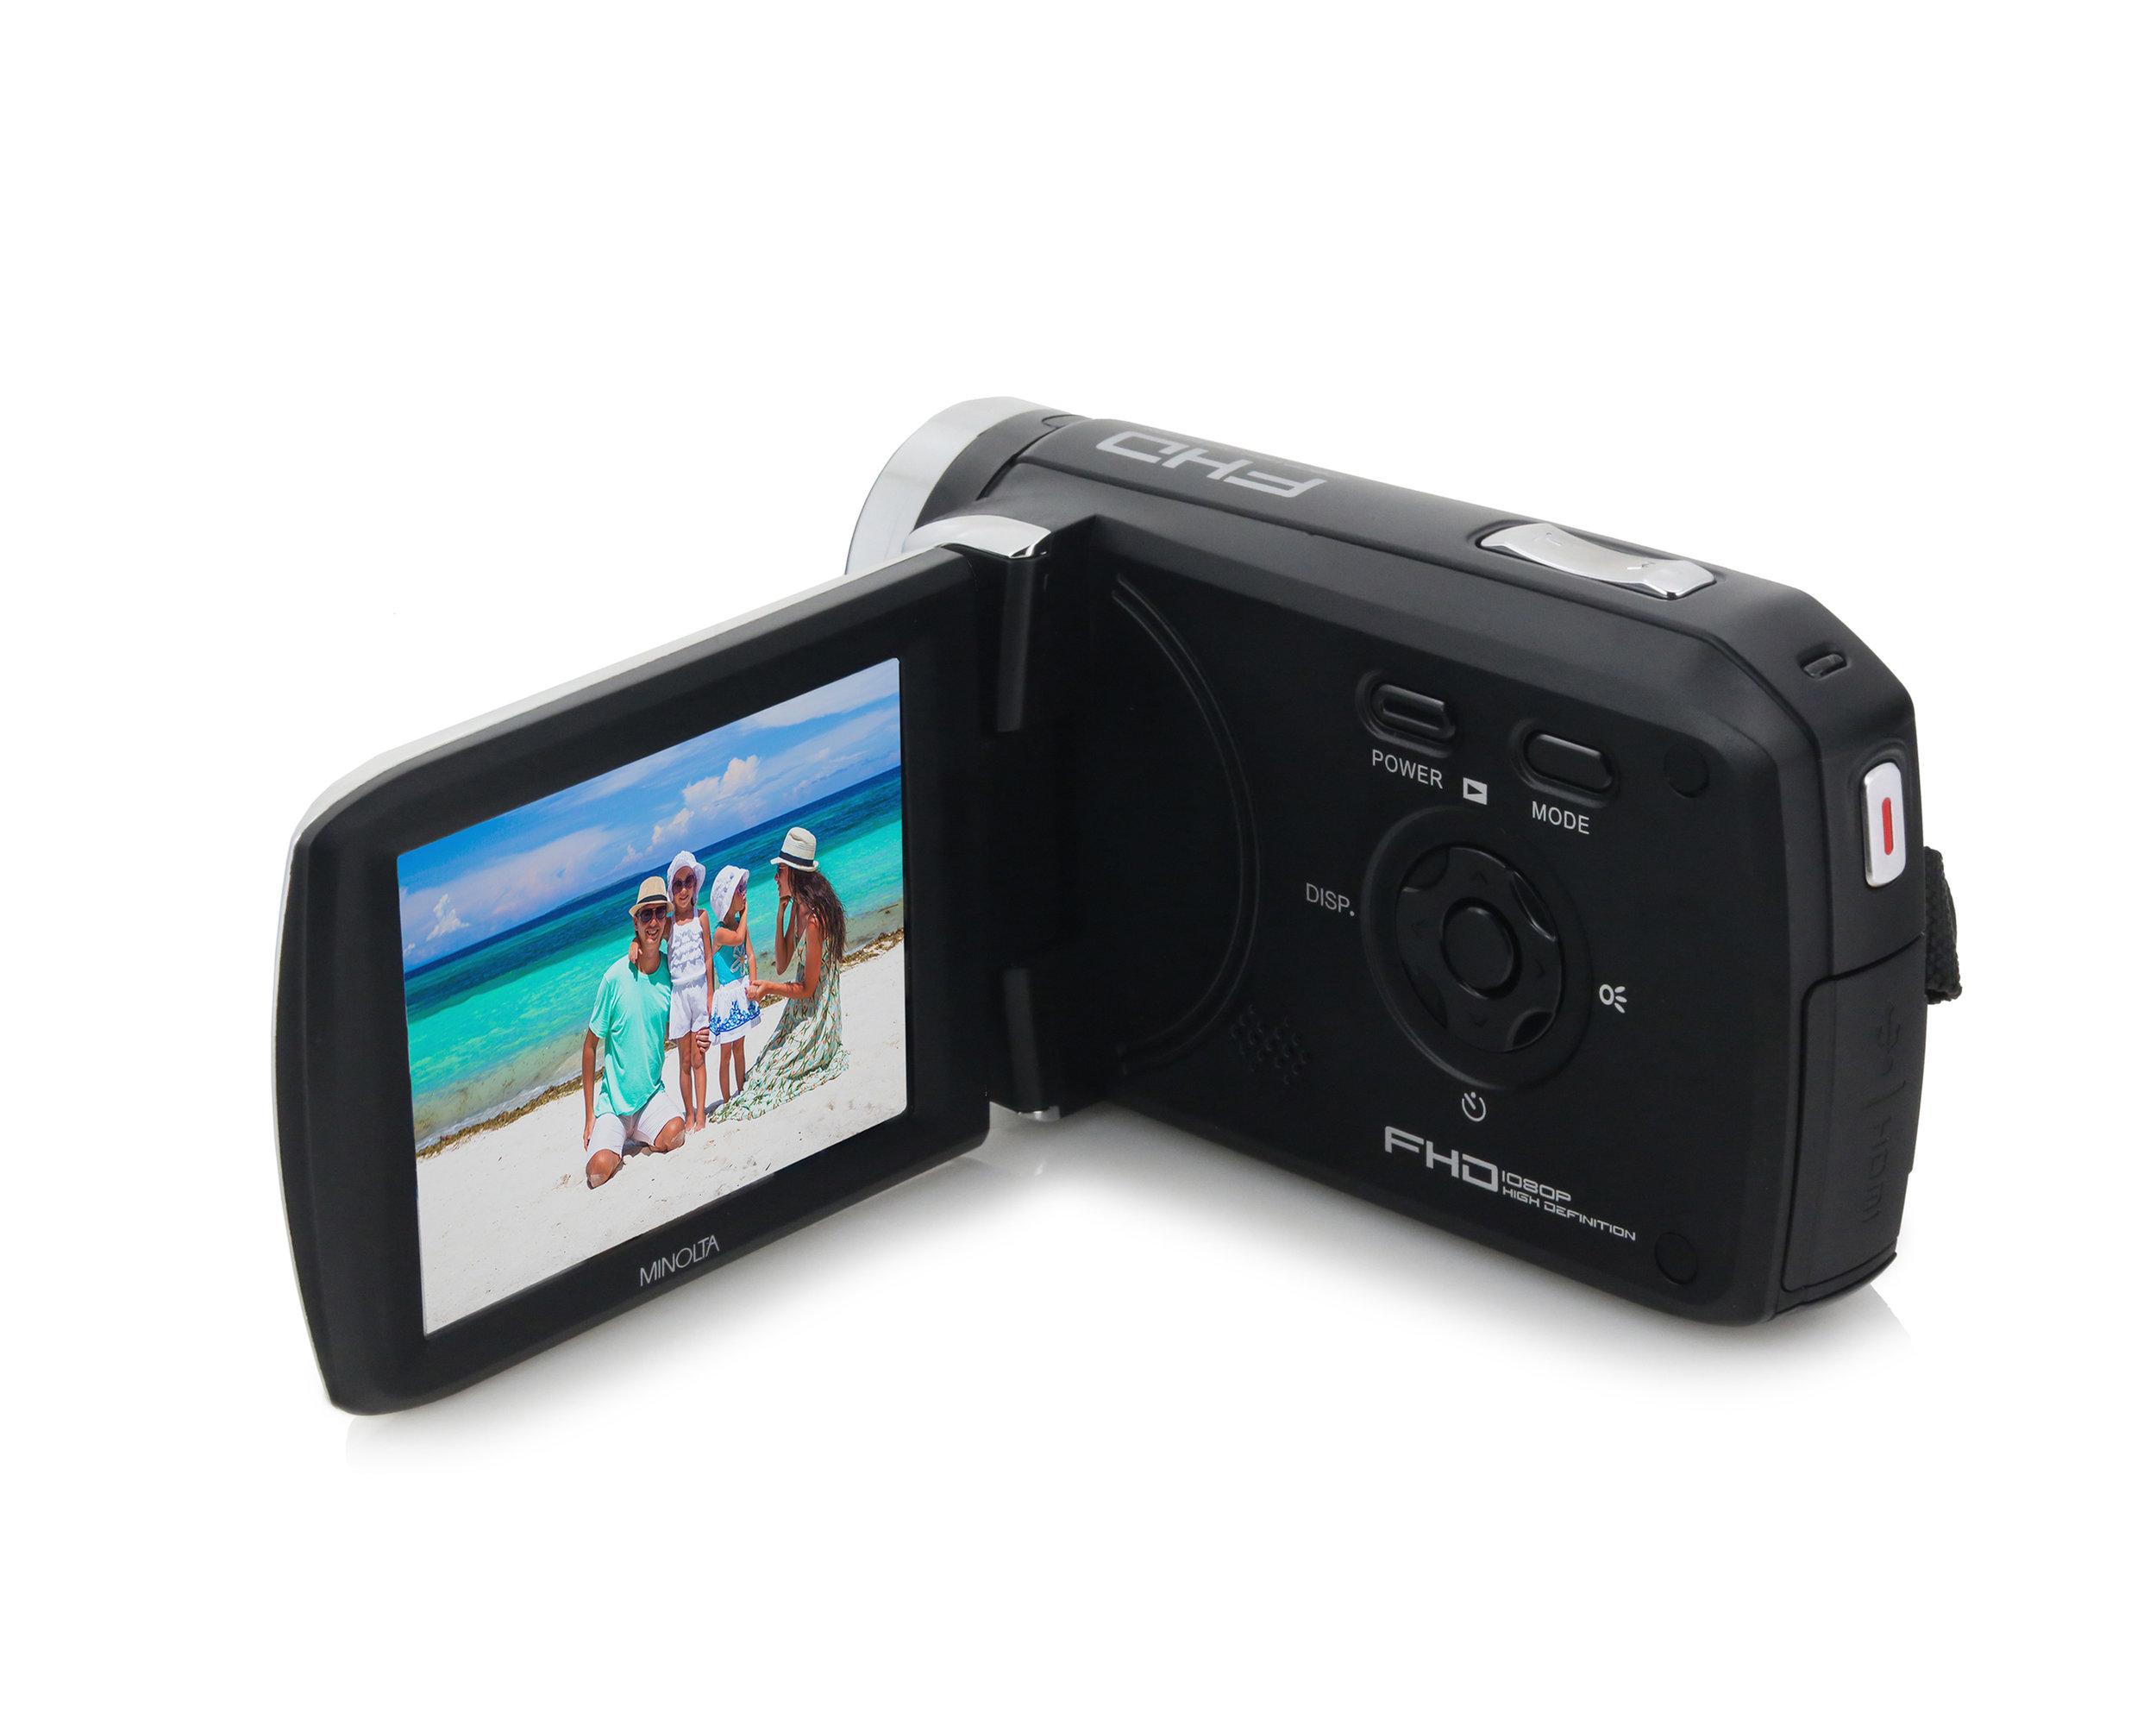 MN50HD - FULL HD 1080p CAMCORDER - Black — Minolta Digital